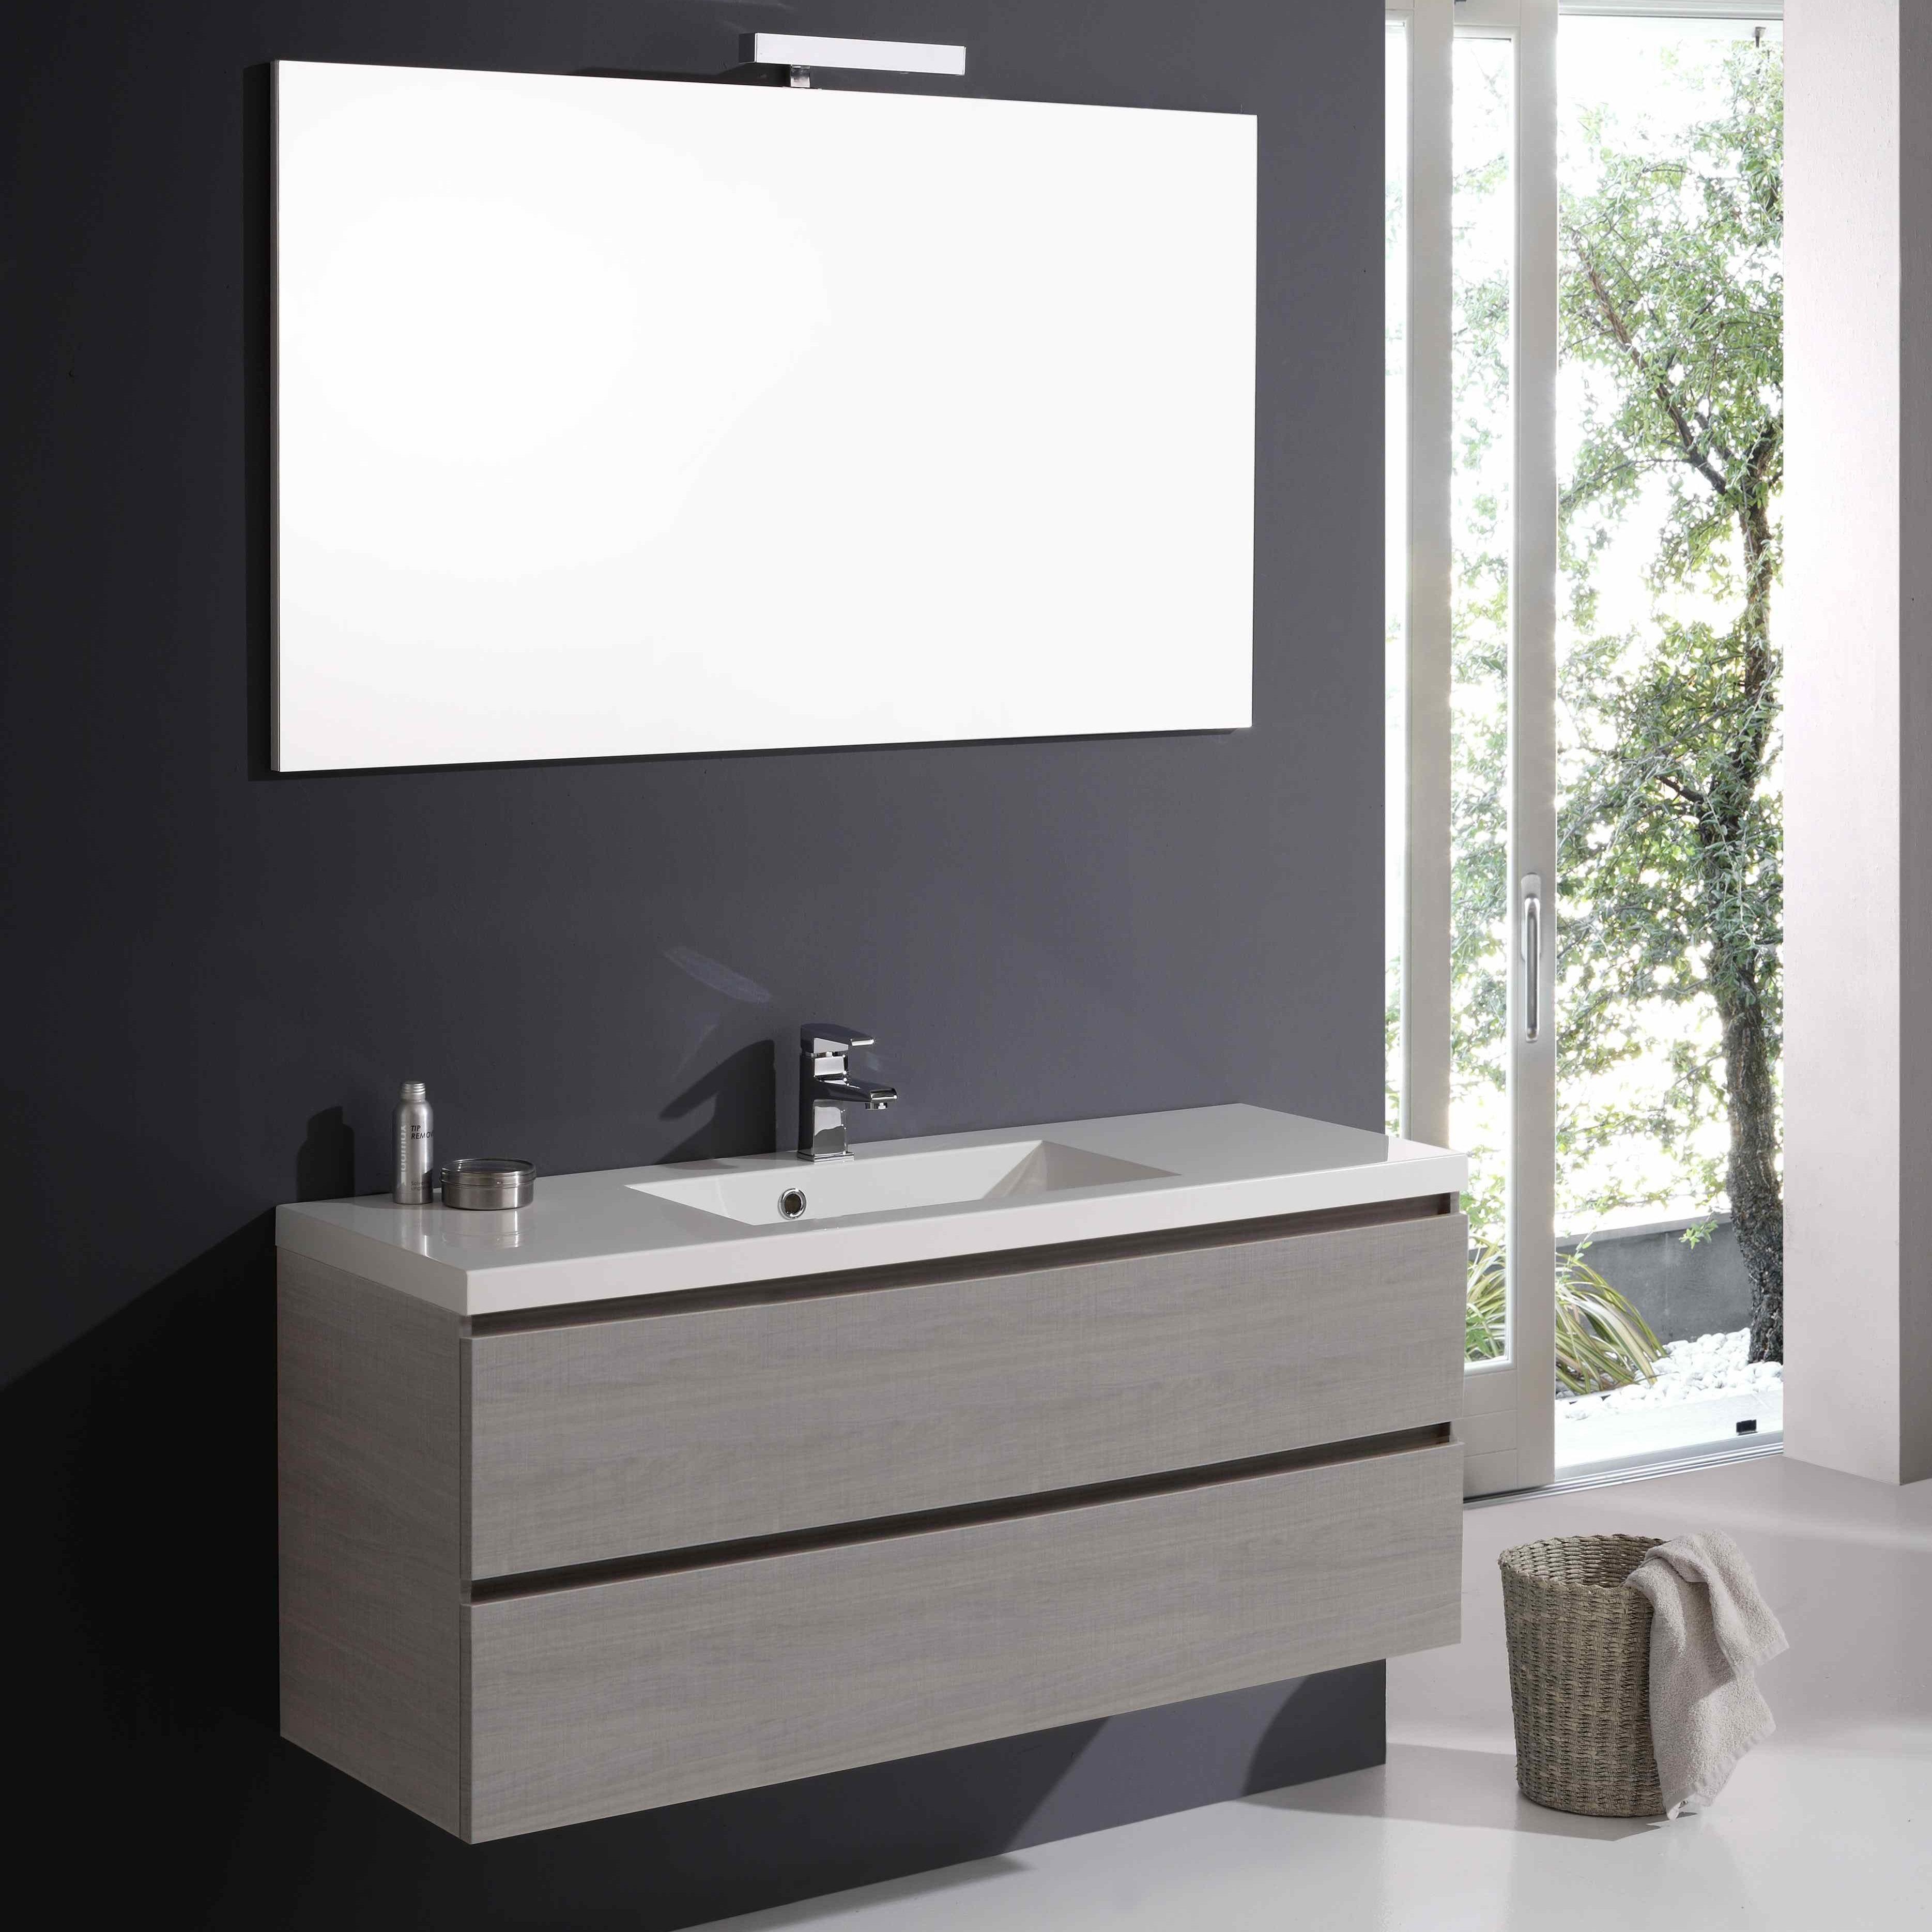 Mobile bagno manhattan con due cassetti da 120 cm con specchio ebay - Mobile bagno 120 cm ...